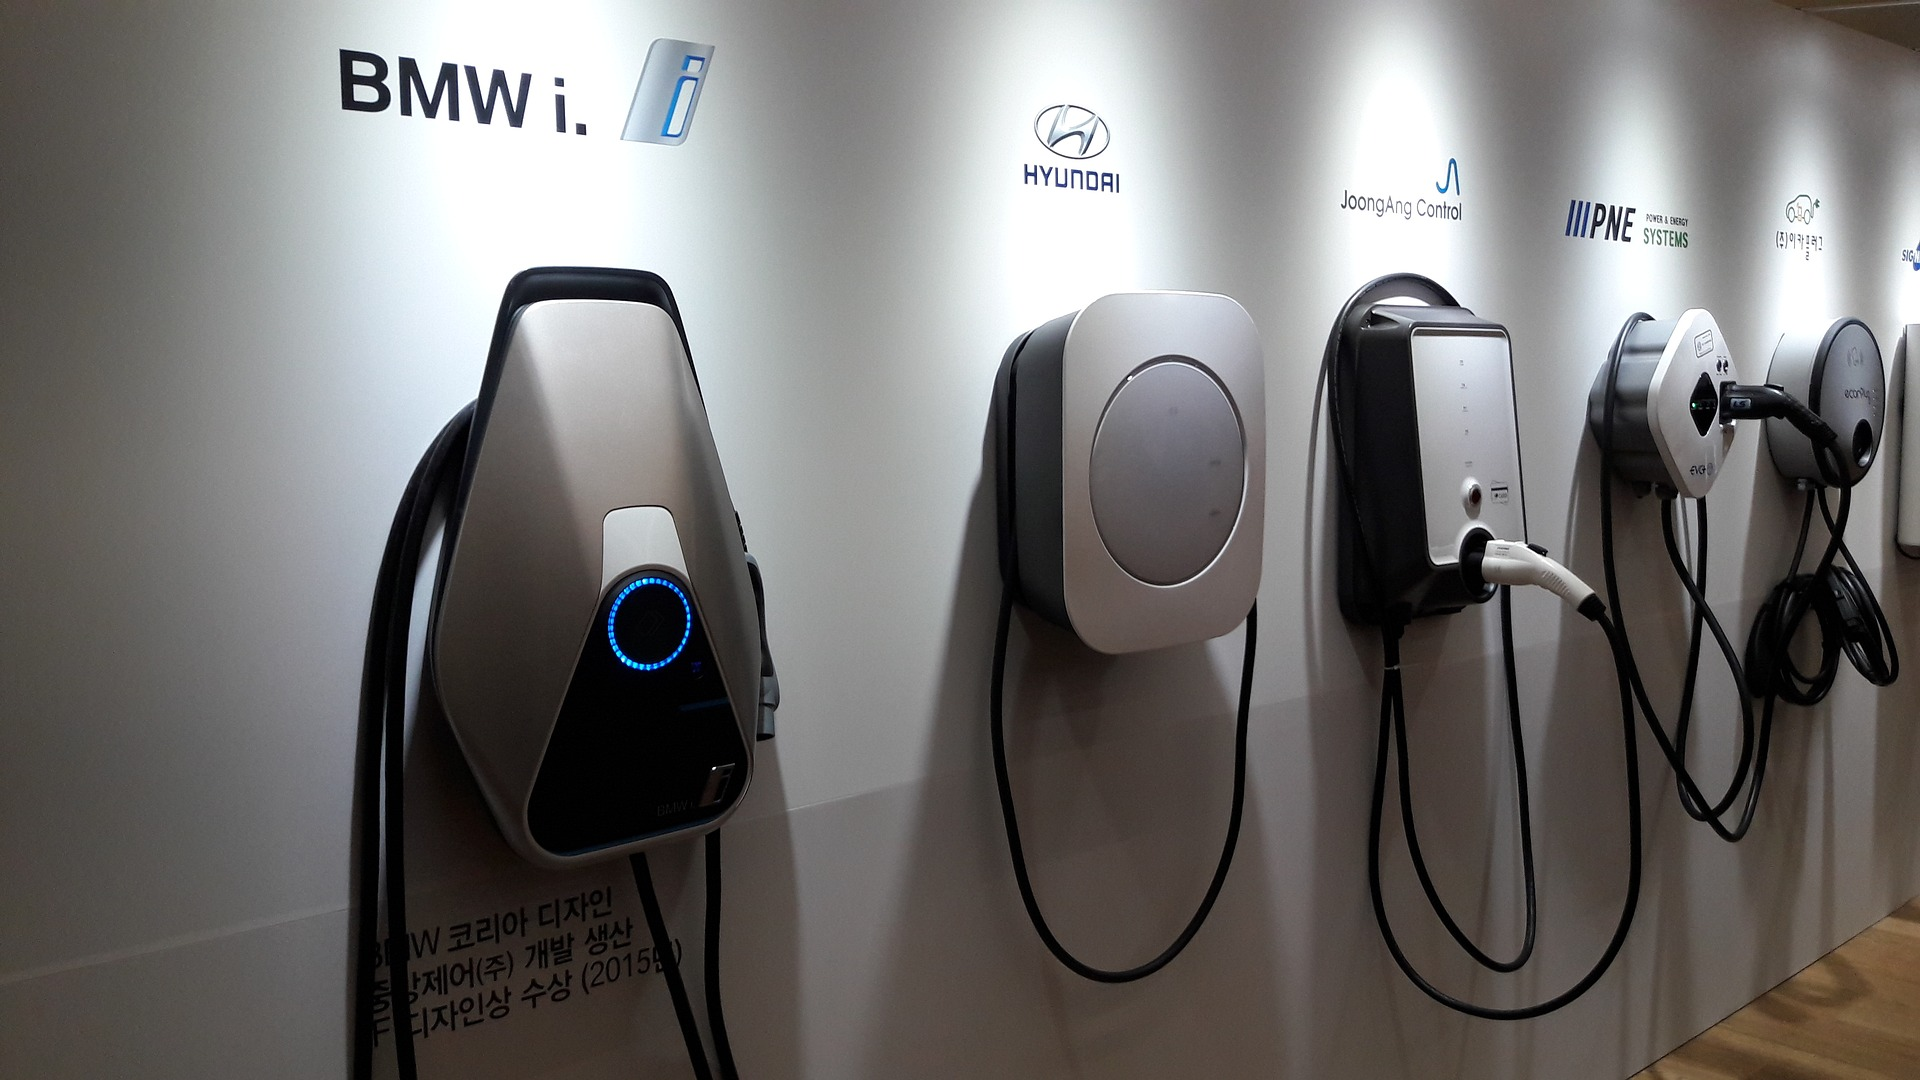 Сеть зарядных станций для электромобилей может появиться в Нижегородской области - фото 1